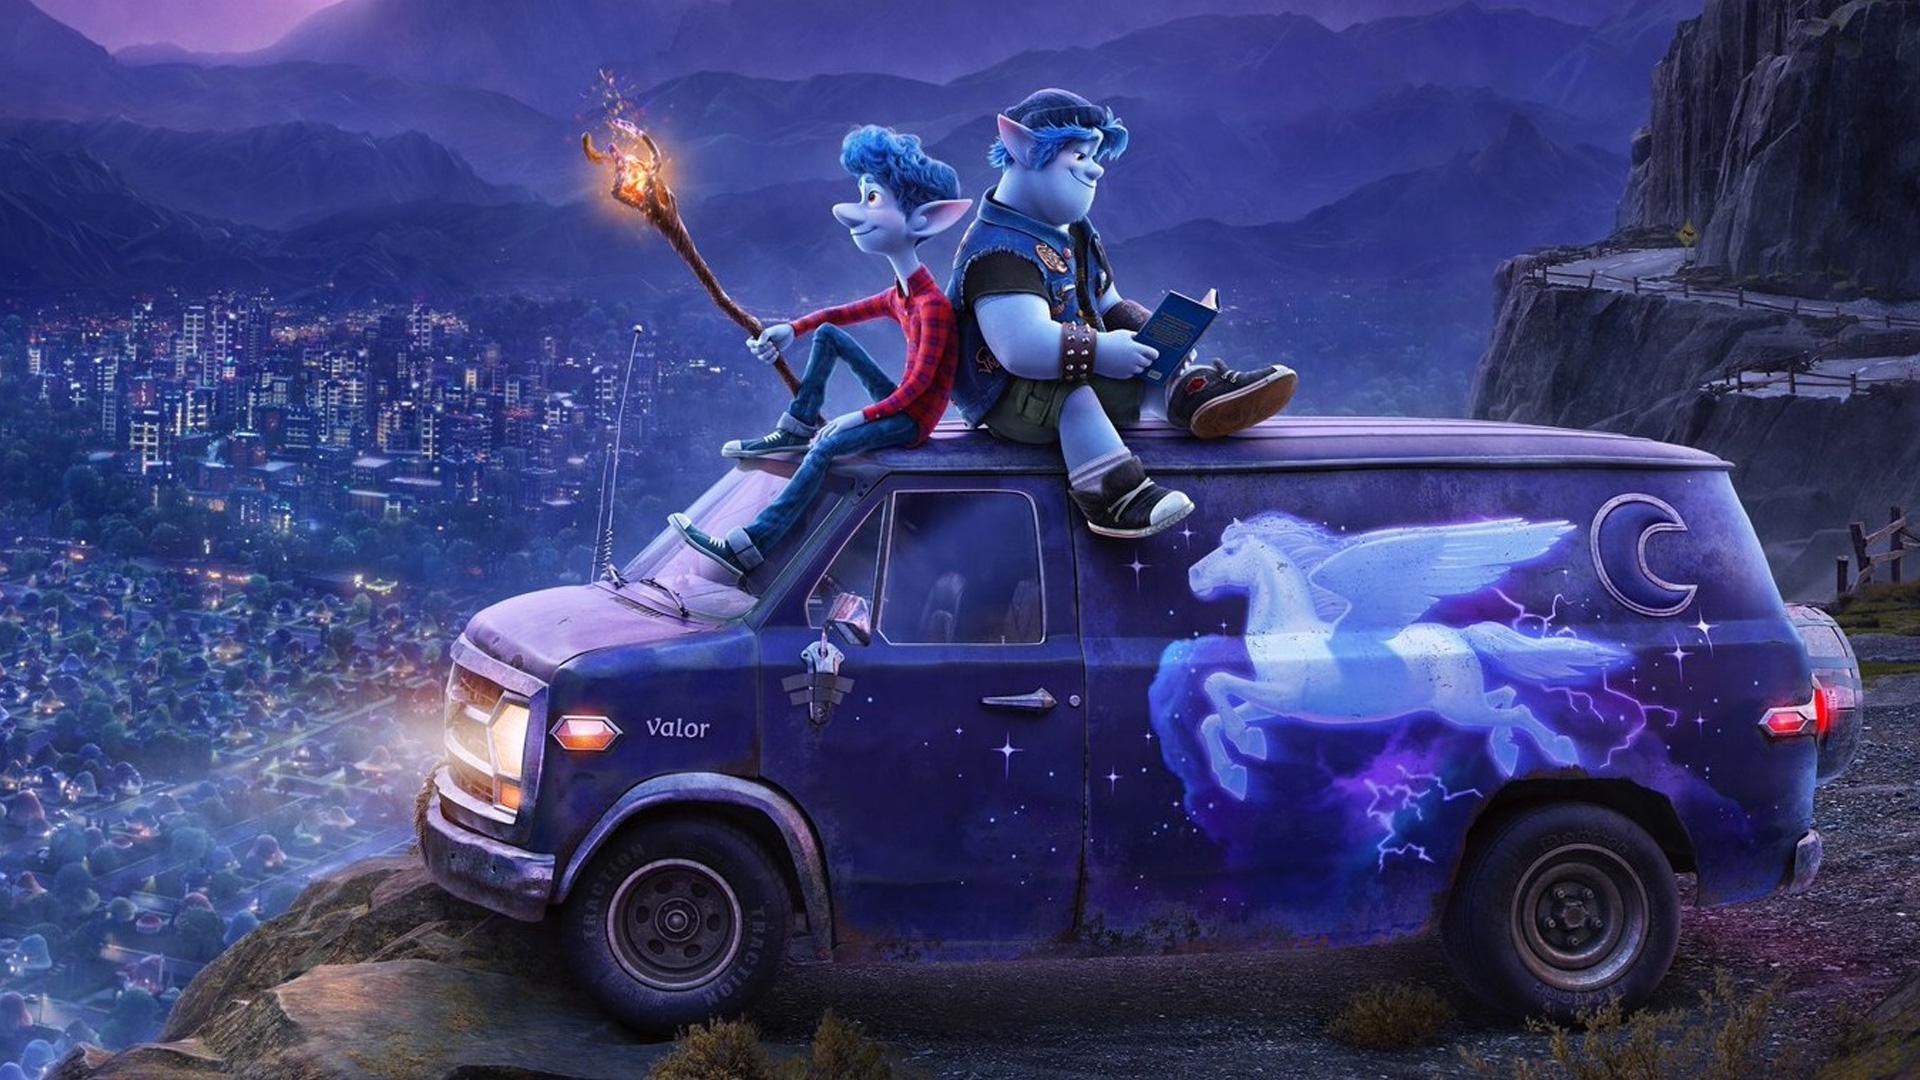 Dois Irmãos: O mais novo filme da Pixar chega no Amazon Prime Video